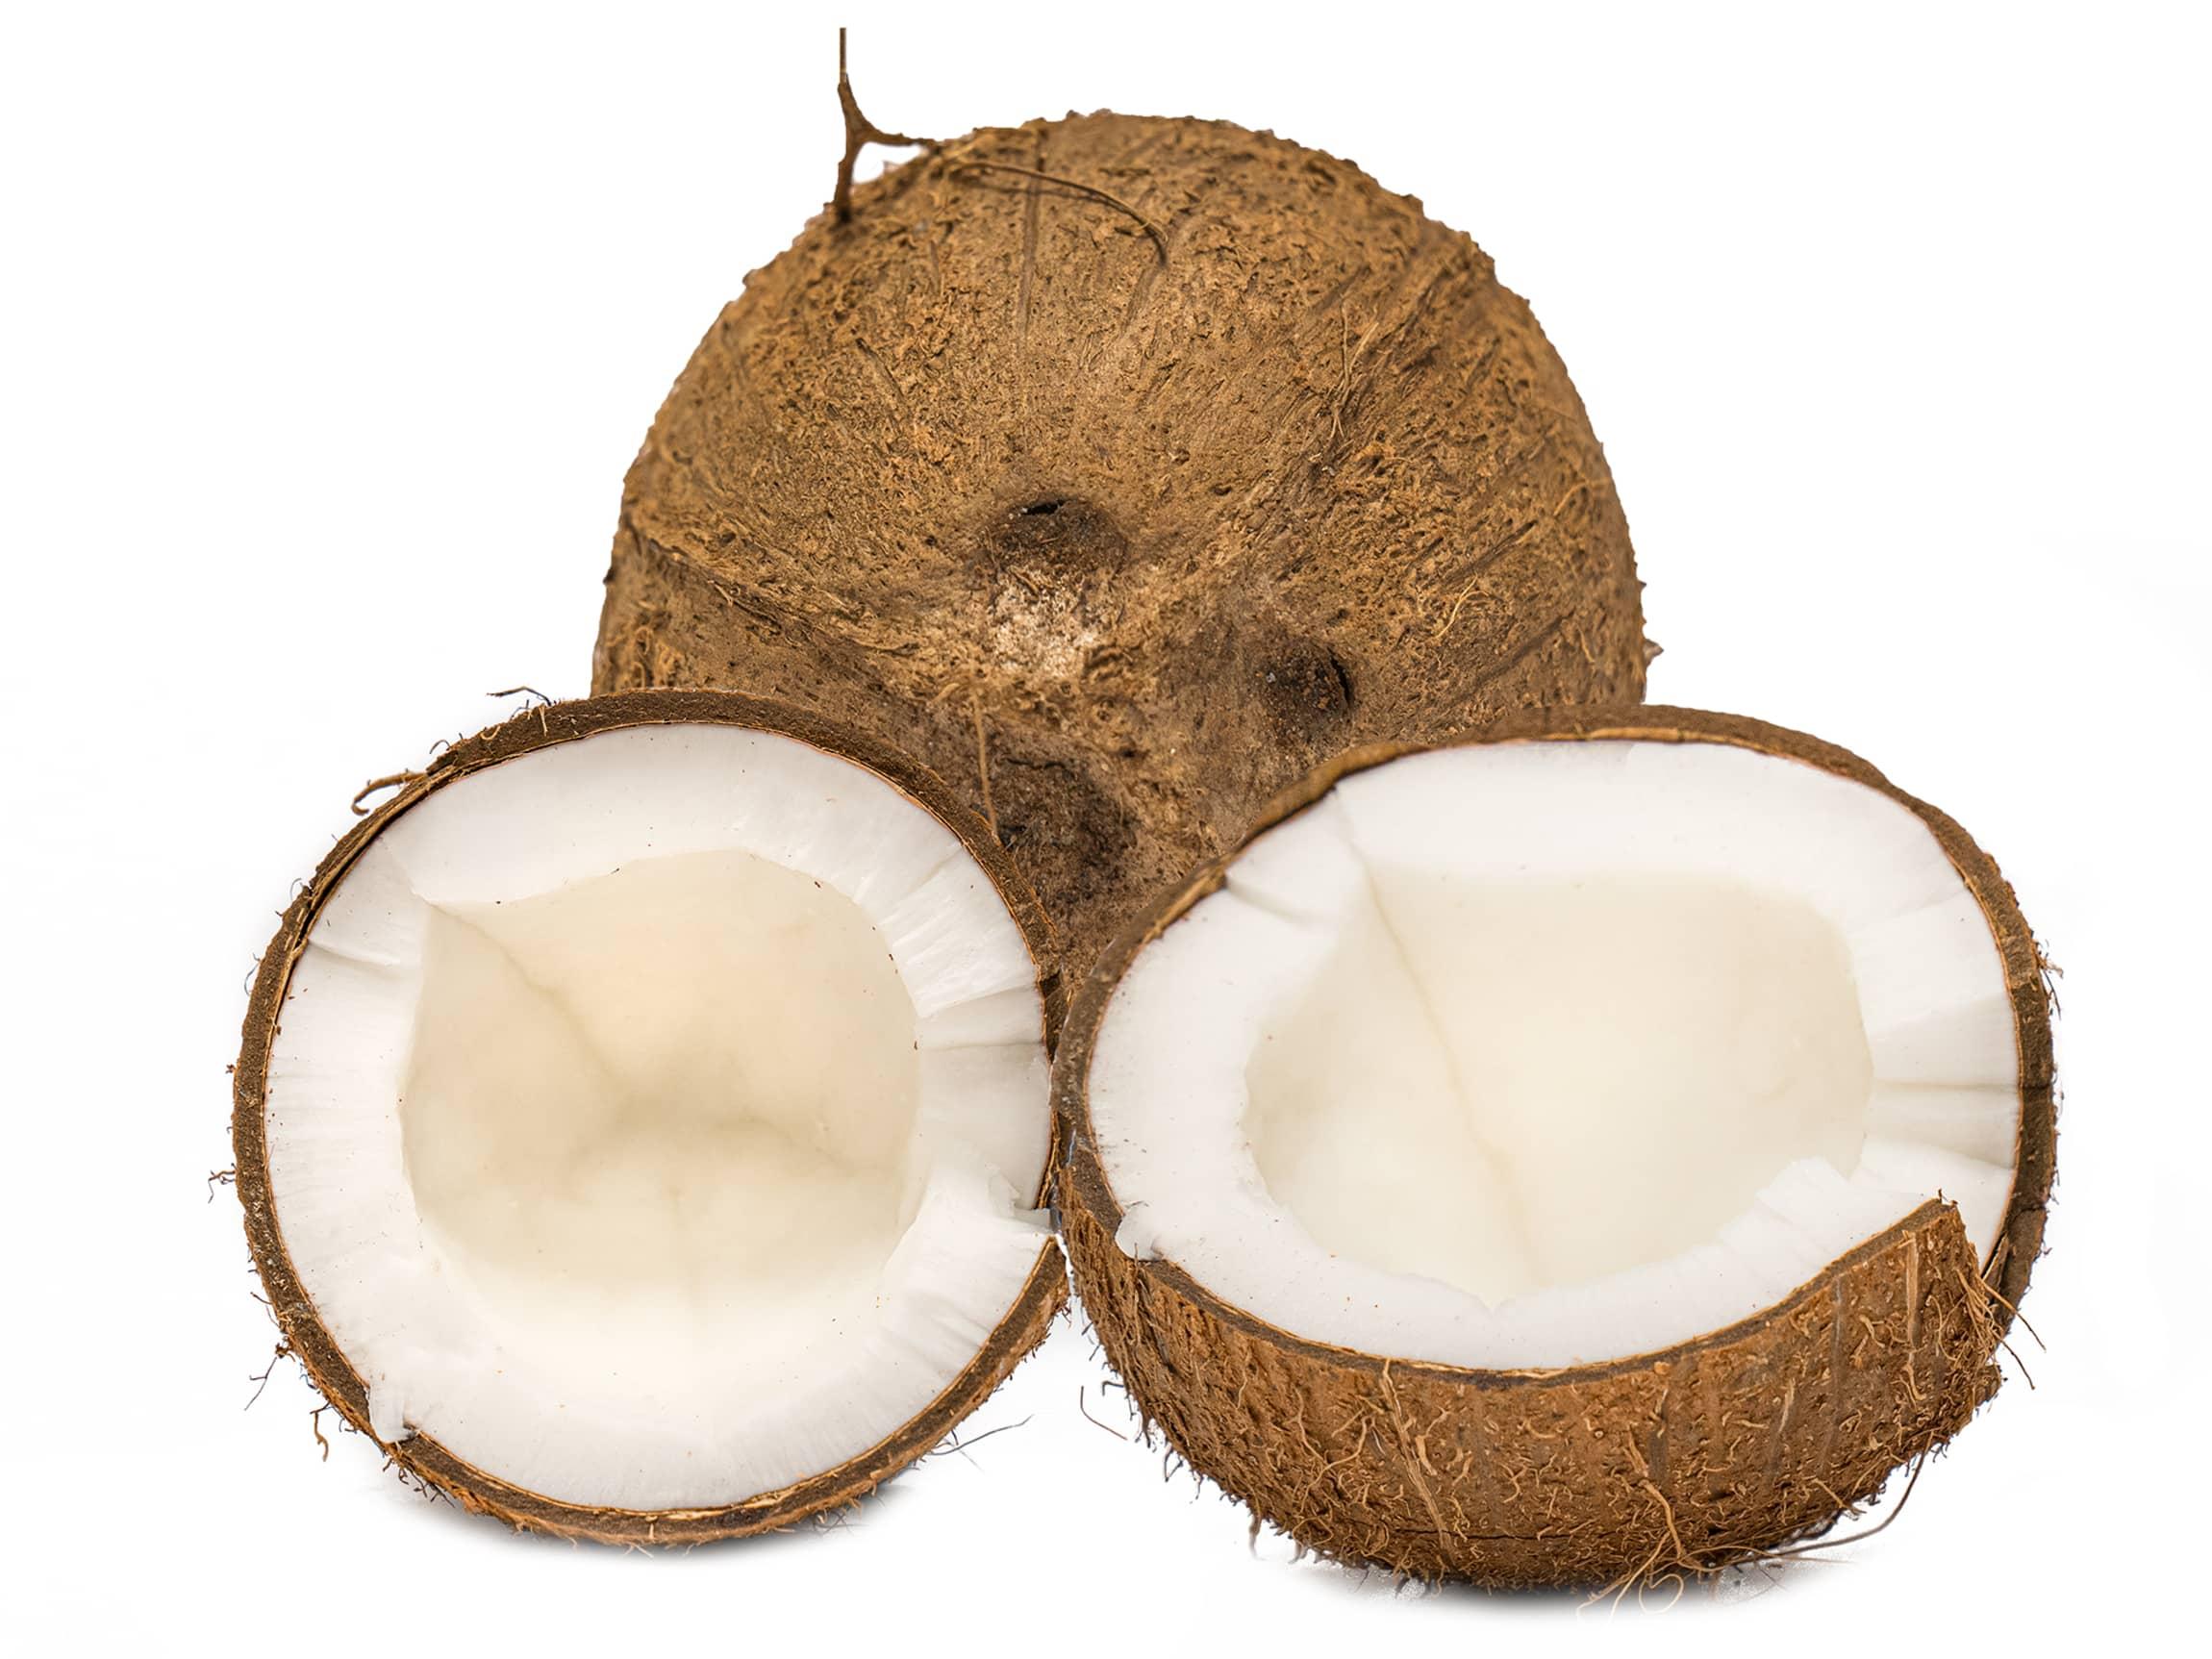 Inni kokosnøtten skjuler det seg fantastisk kokoskjøtt!